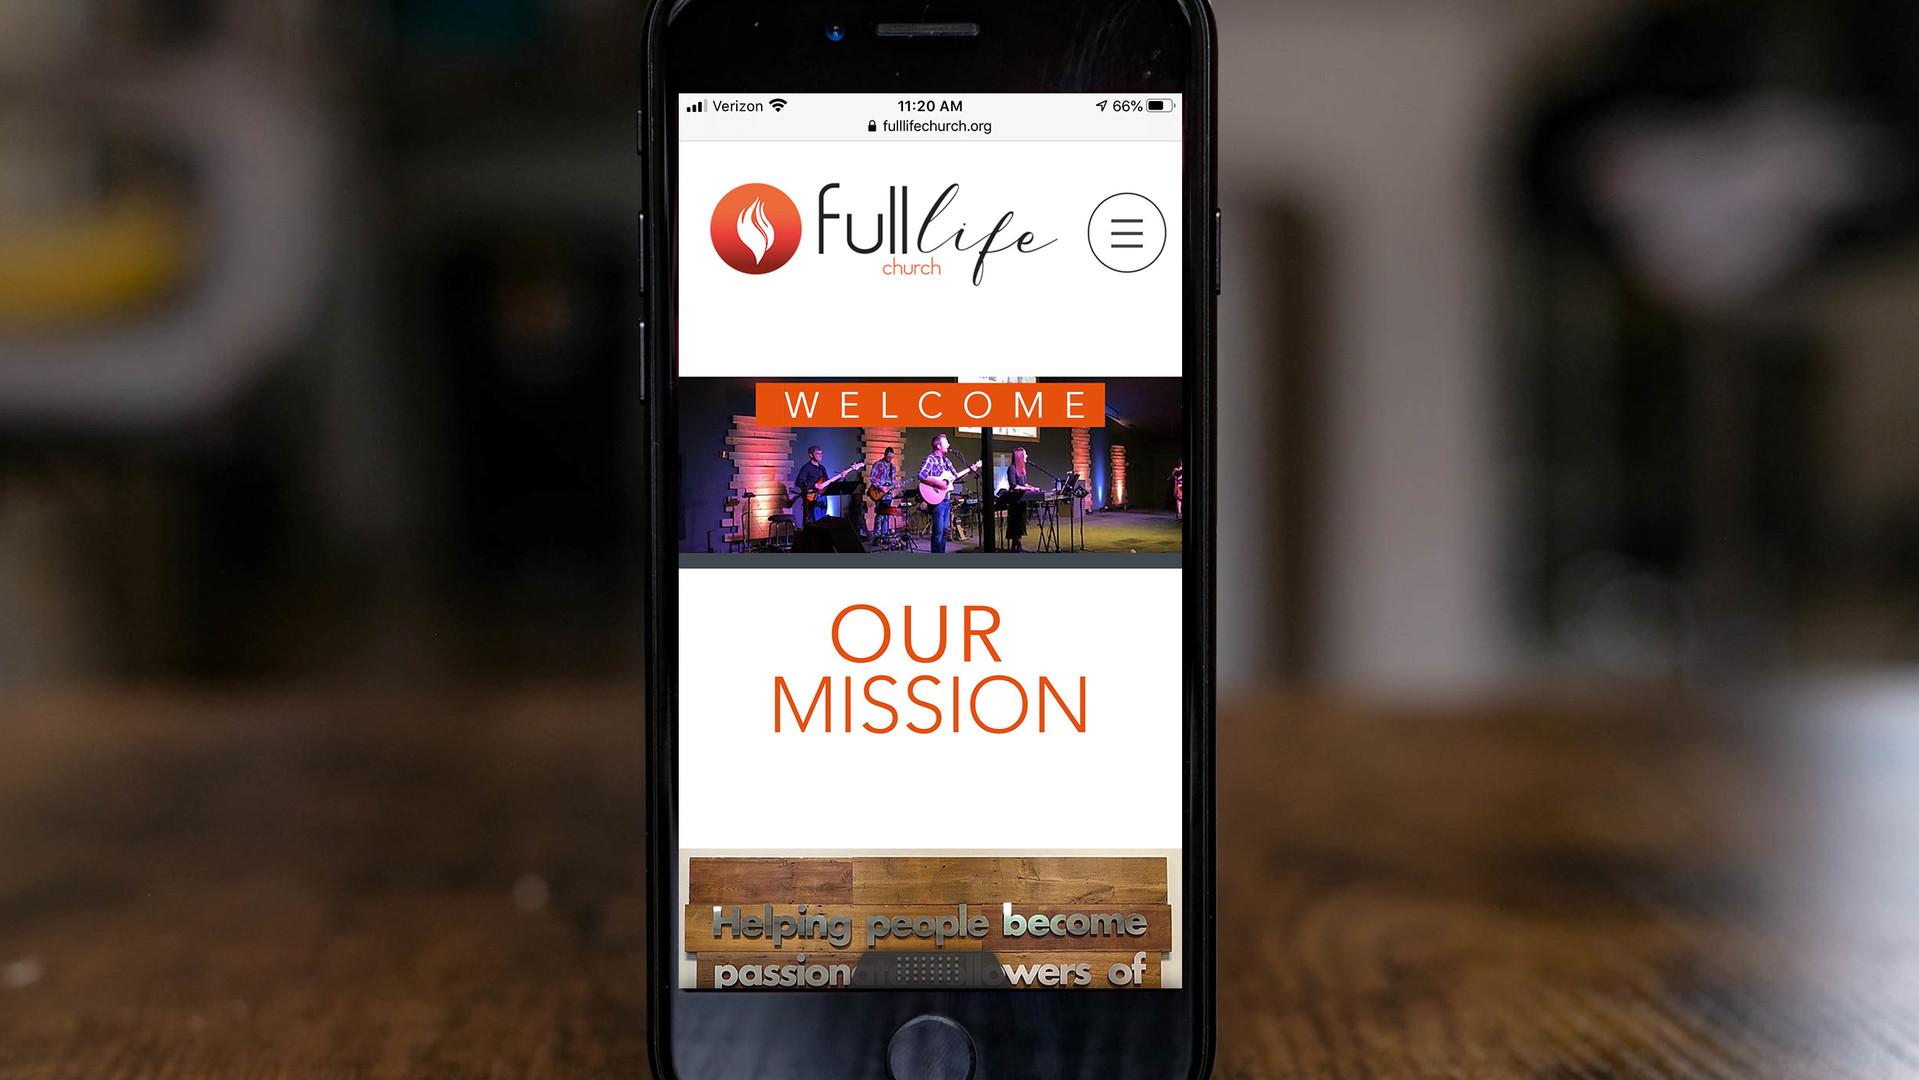 Full Life Church Fremont NE